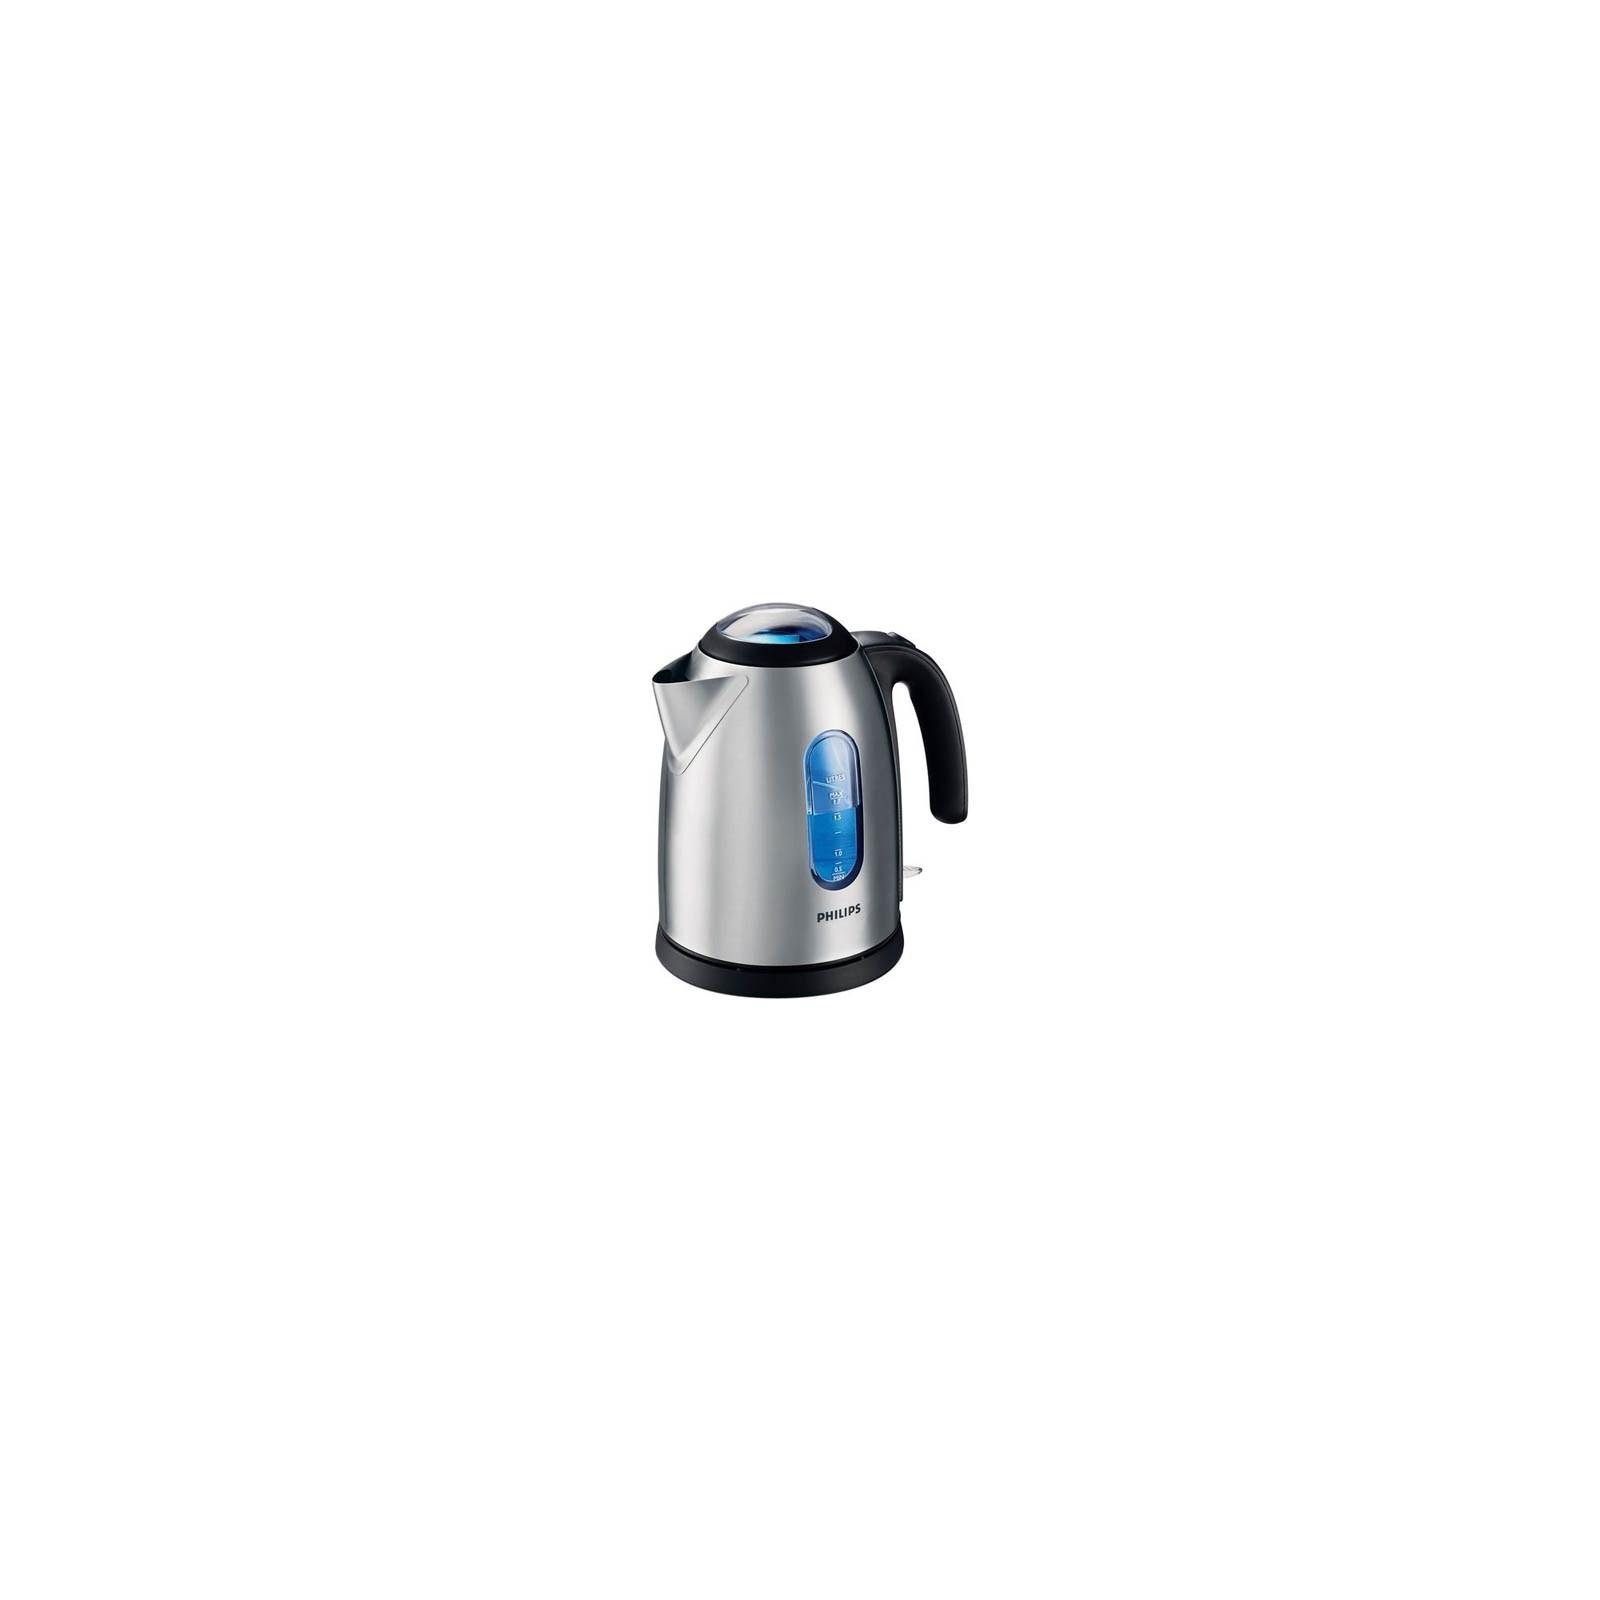 Электрочайник PHILIPS HD 4667/20 (HD4667/20)